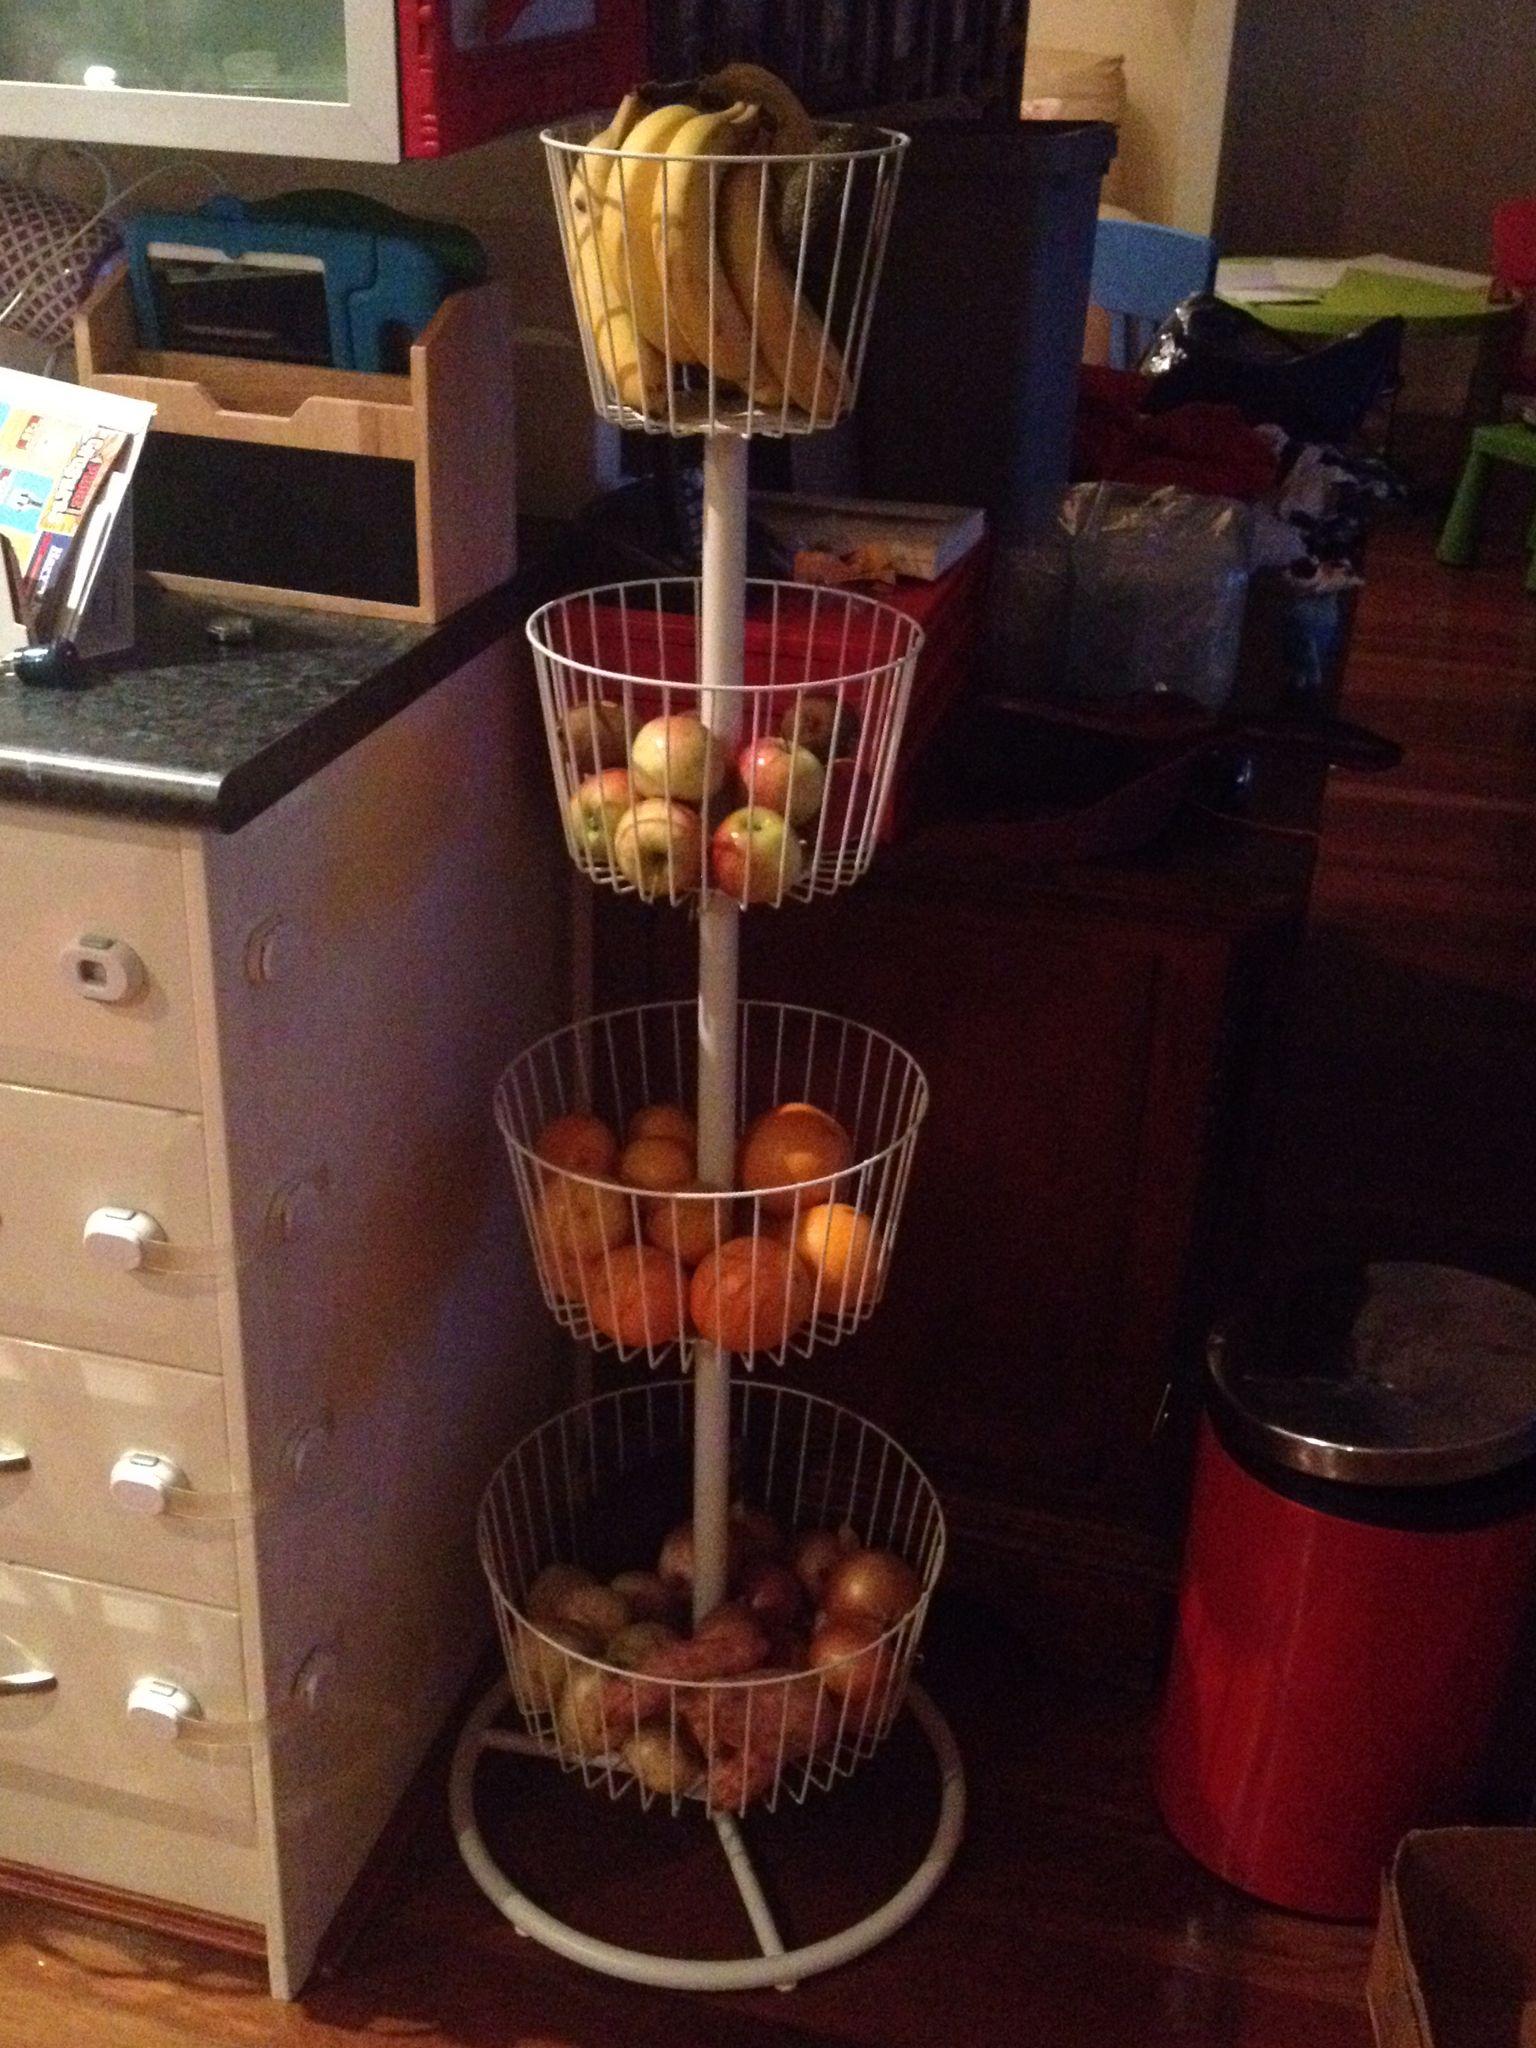 Fruit And Veg Storage Idea Ikea Basket Tower Ikea Basket Flat Ideas Fruit And Veg